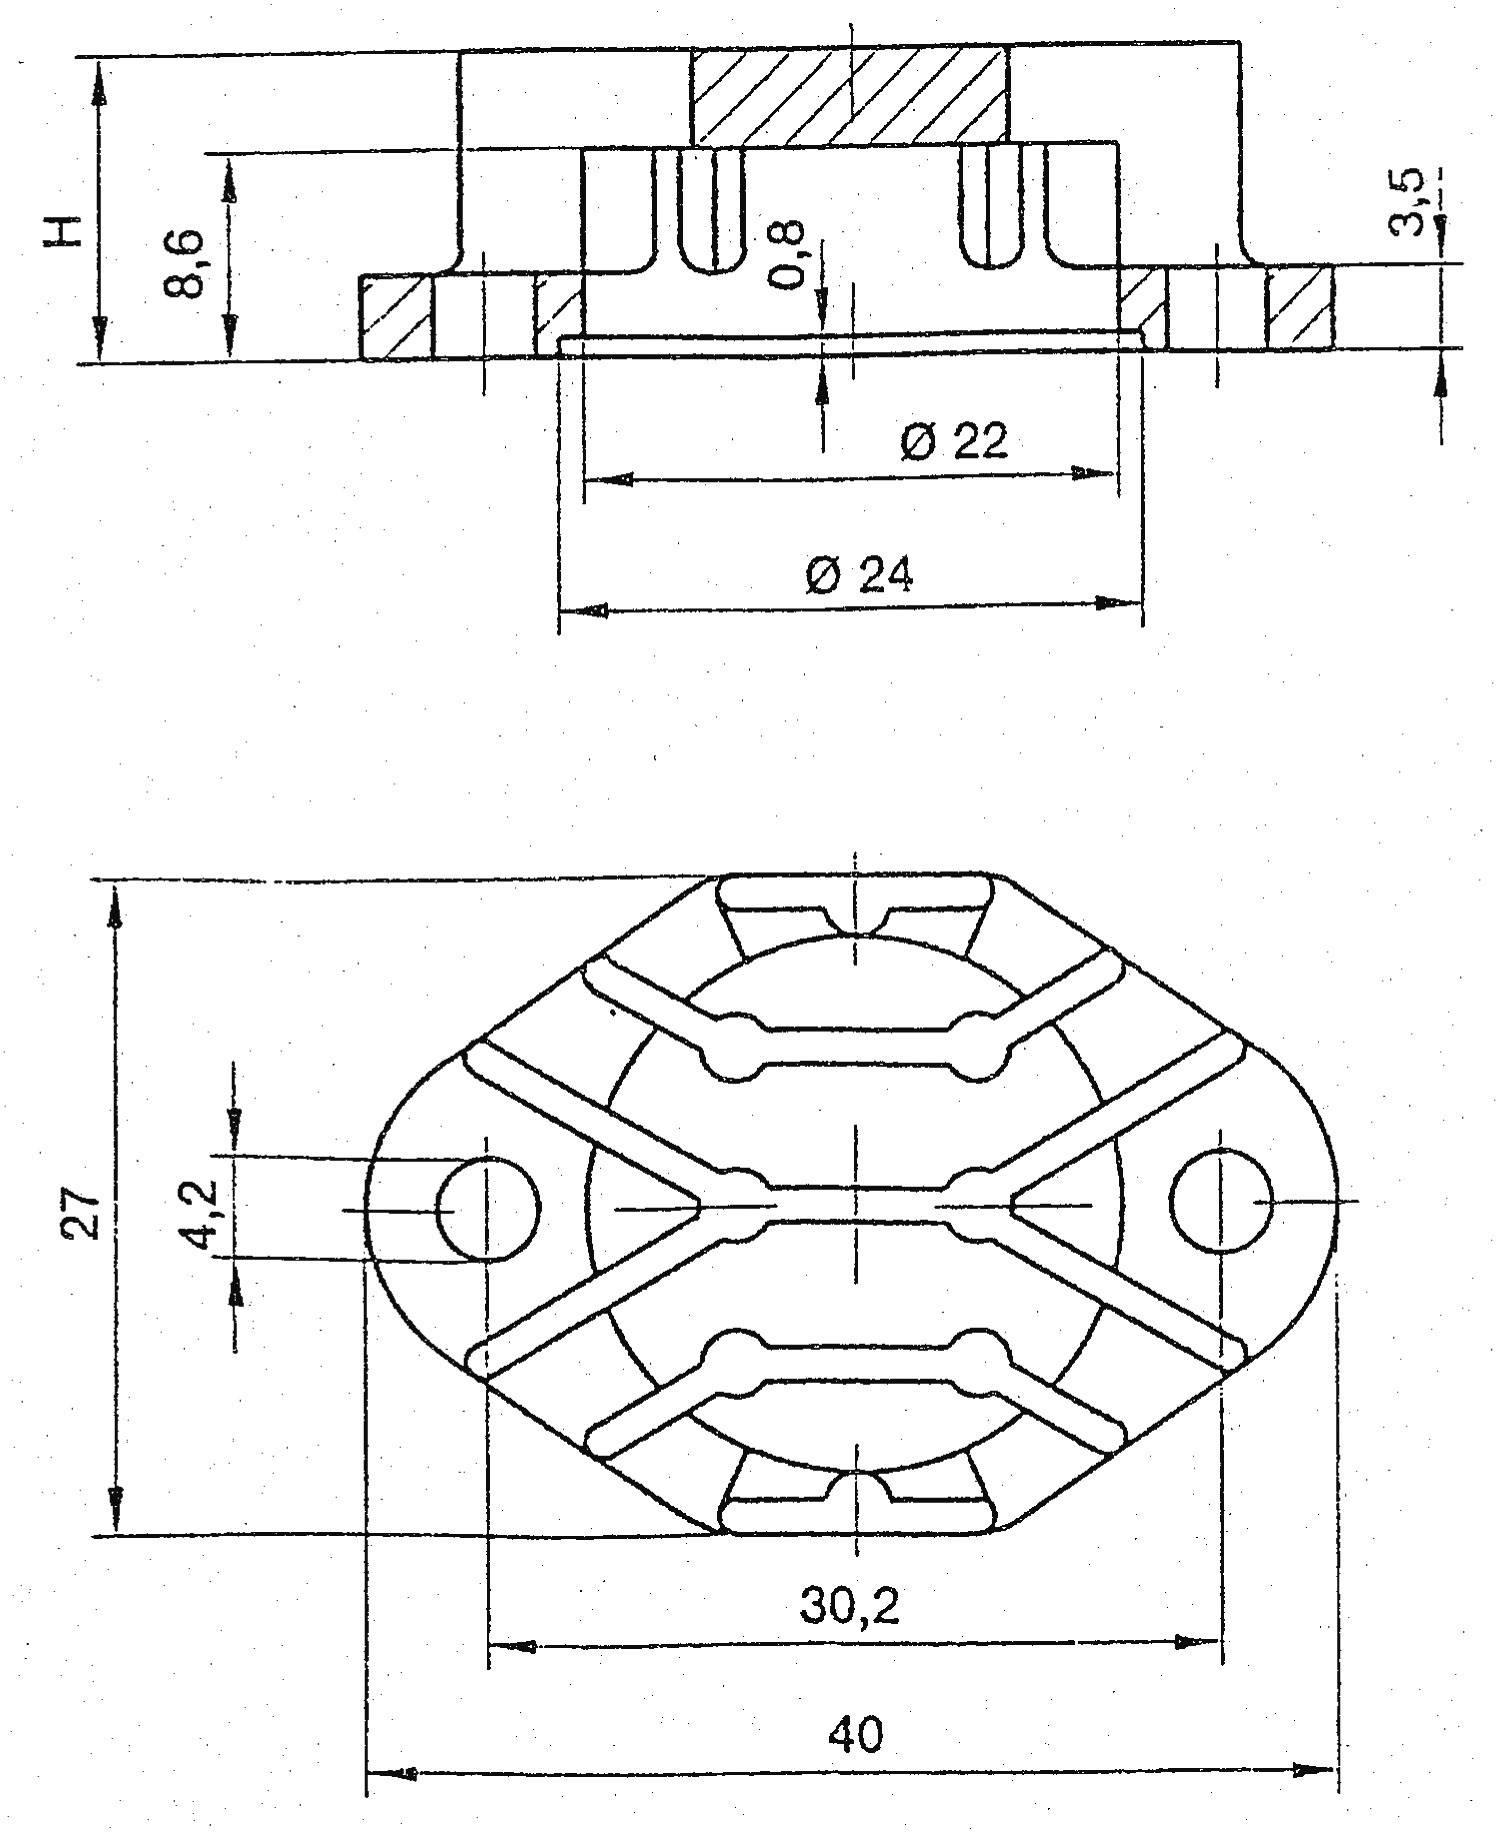 Chladič Fischer Elektronik AKK 191 pro pouzdra TO3, 40 x 27 x 19,1 mm, 12 kW